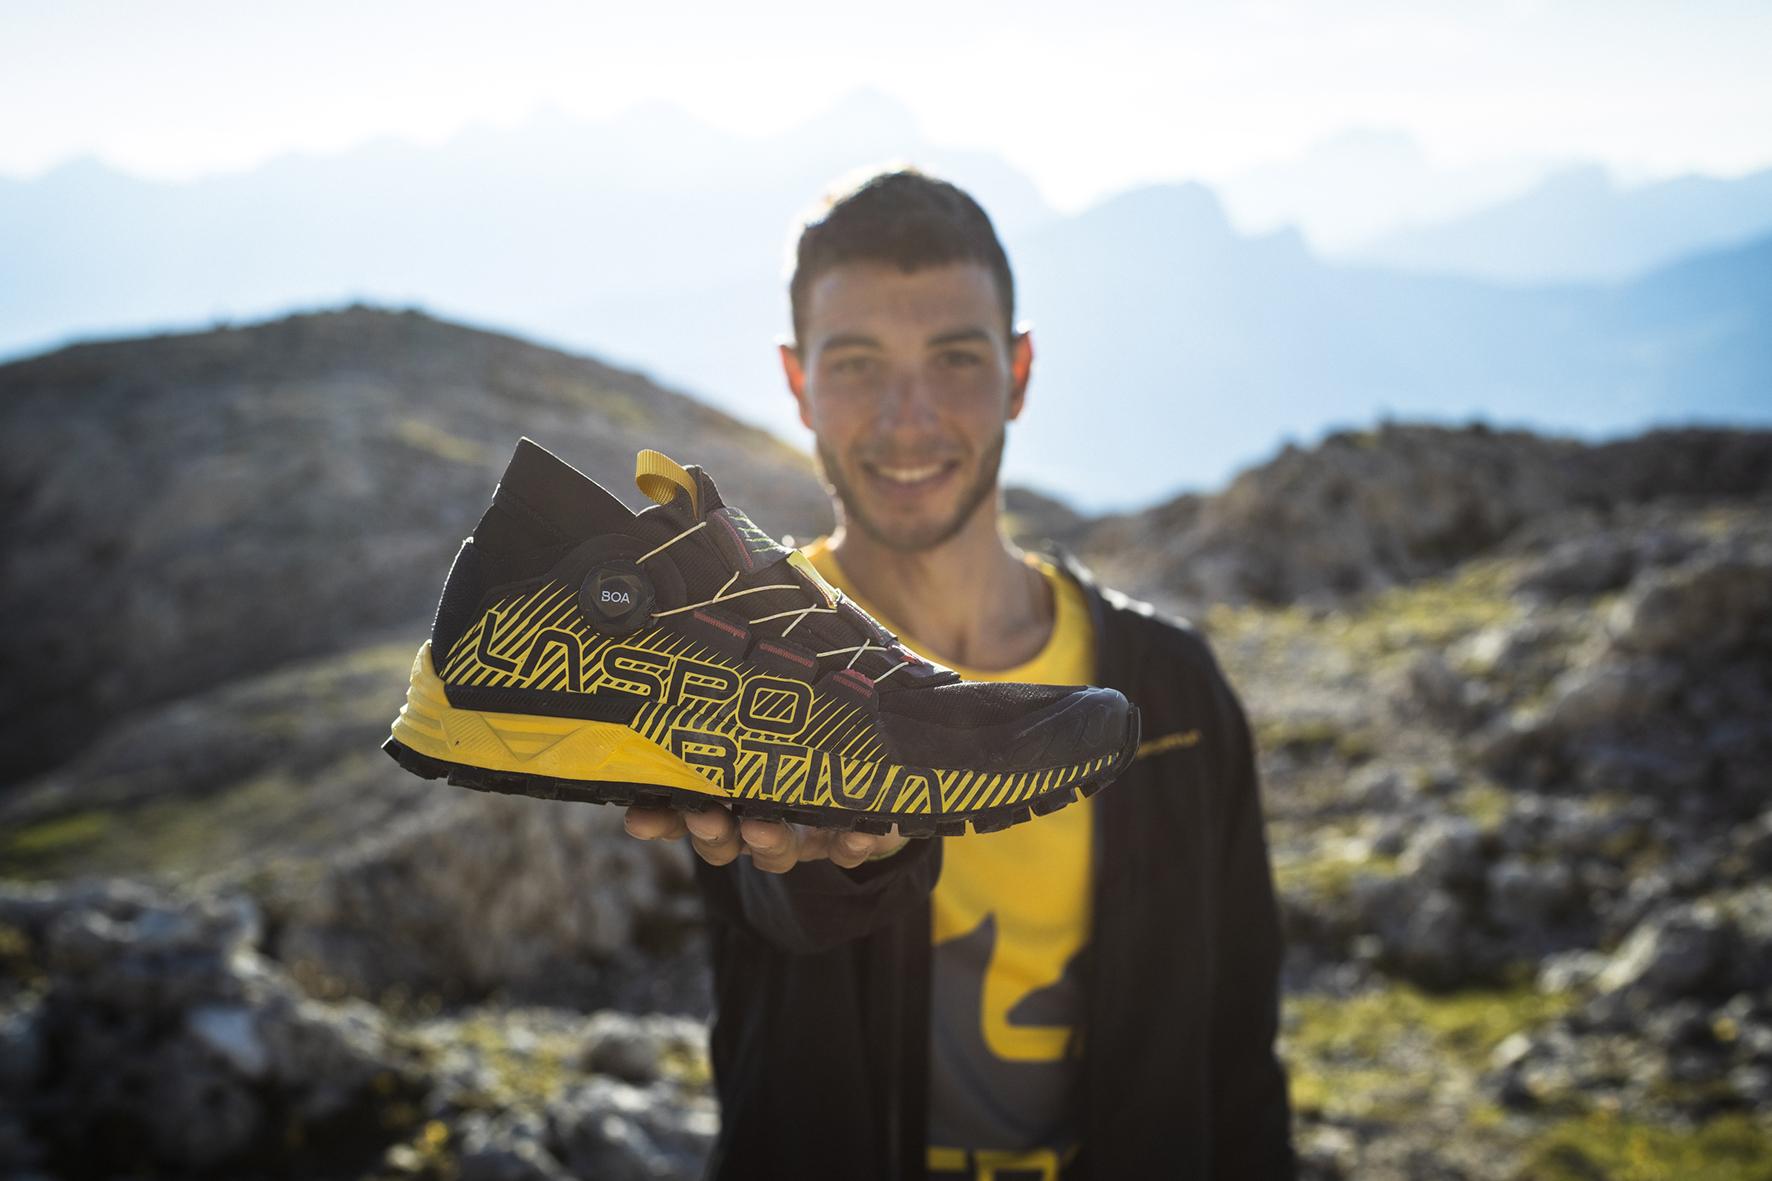 New La Sportiva Cyklon trail shoes have a BOA lace system